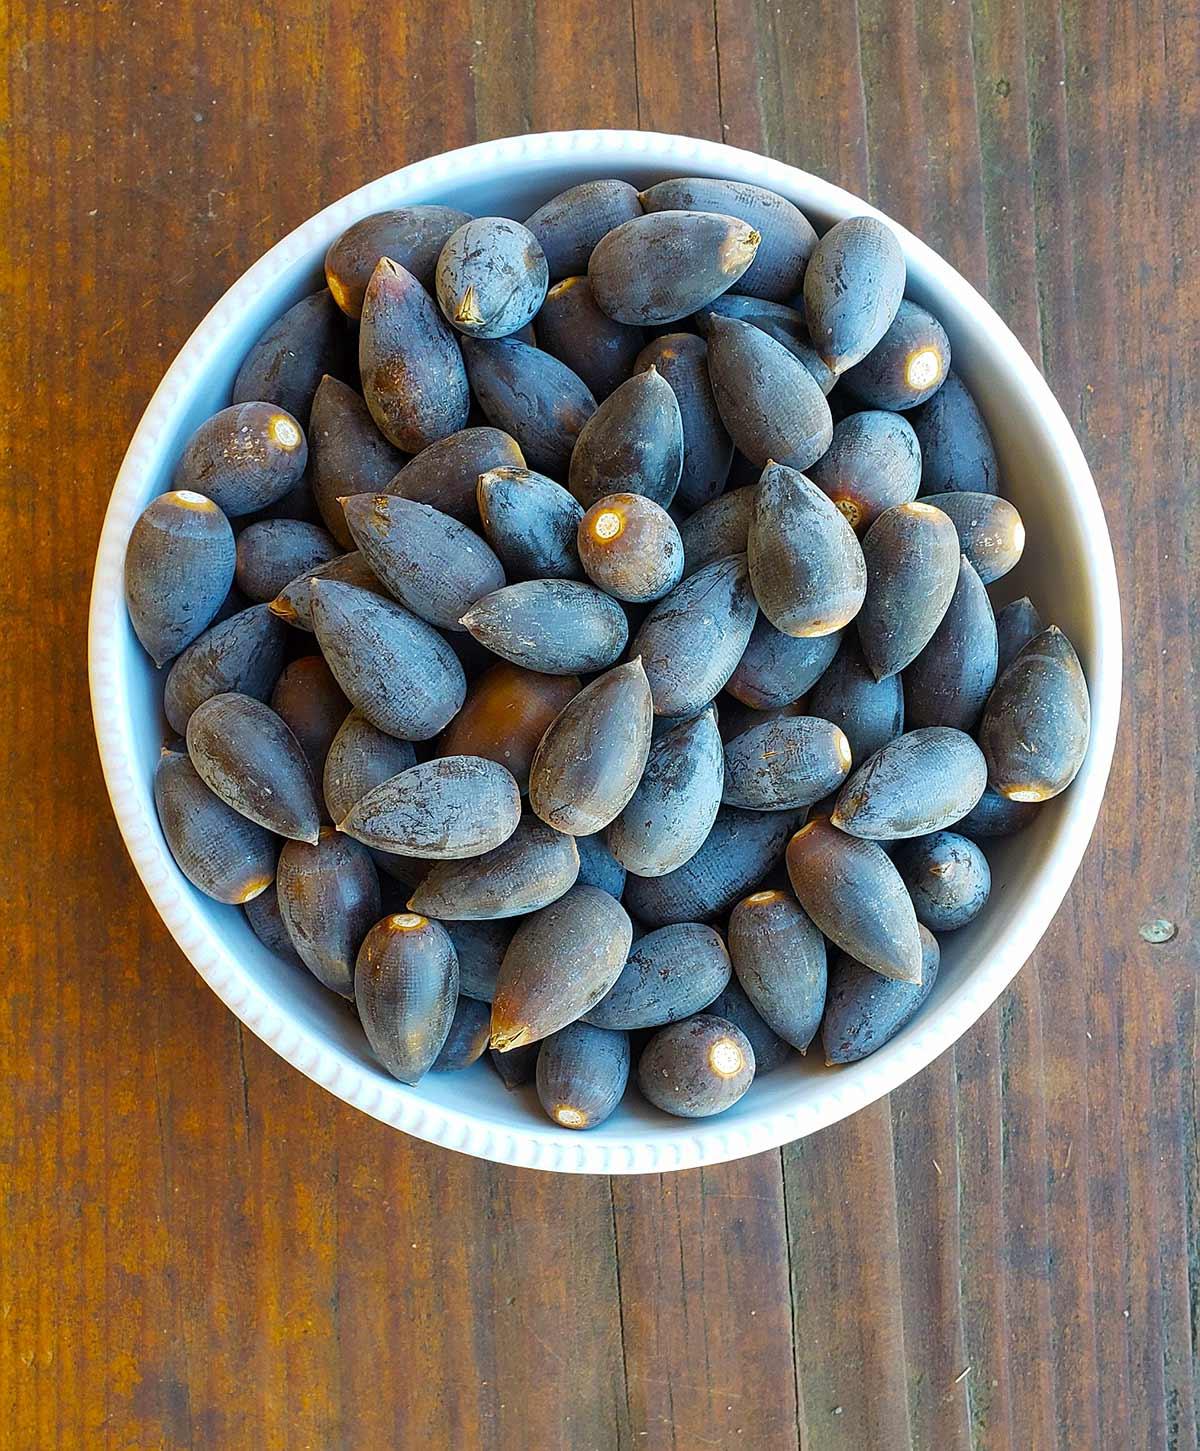 Blue oak acorns in a bowl